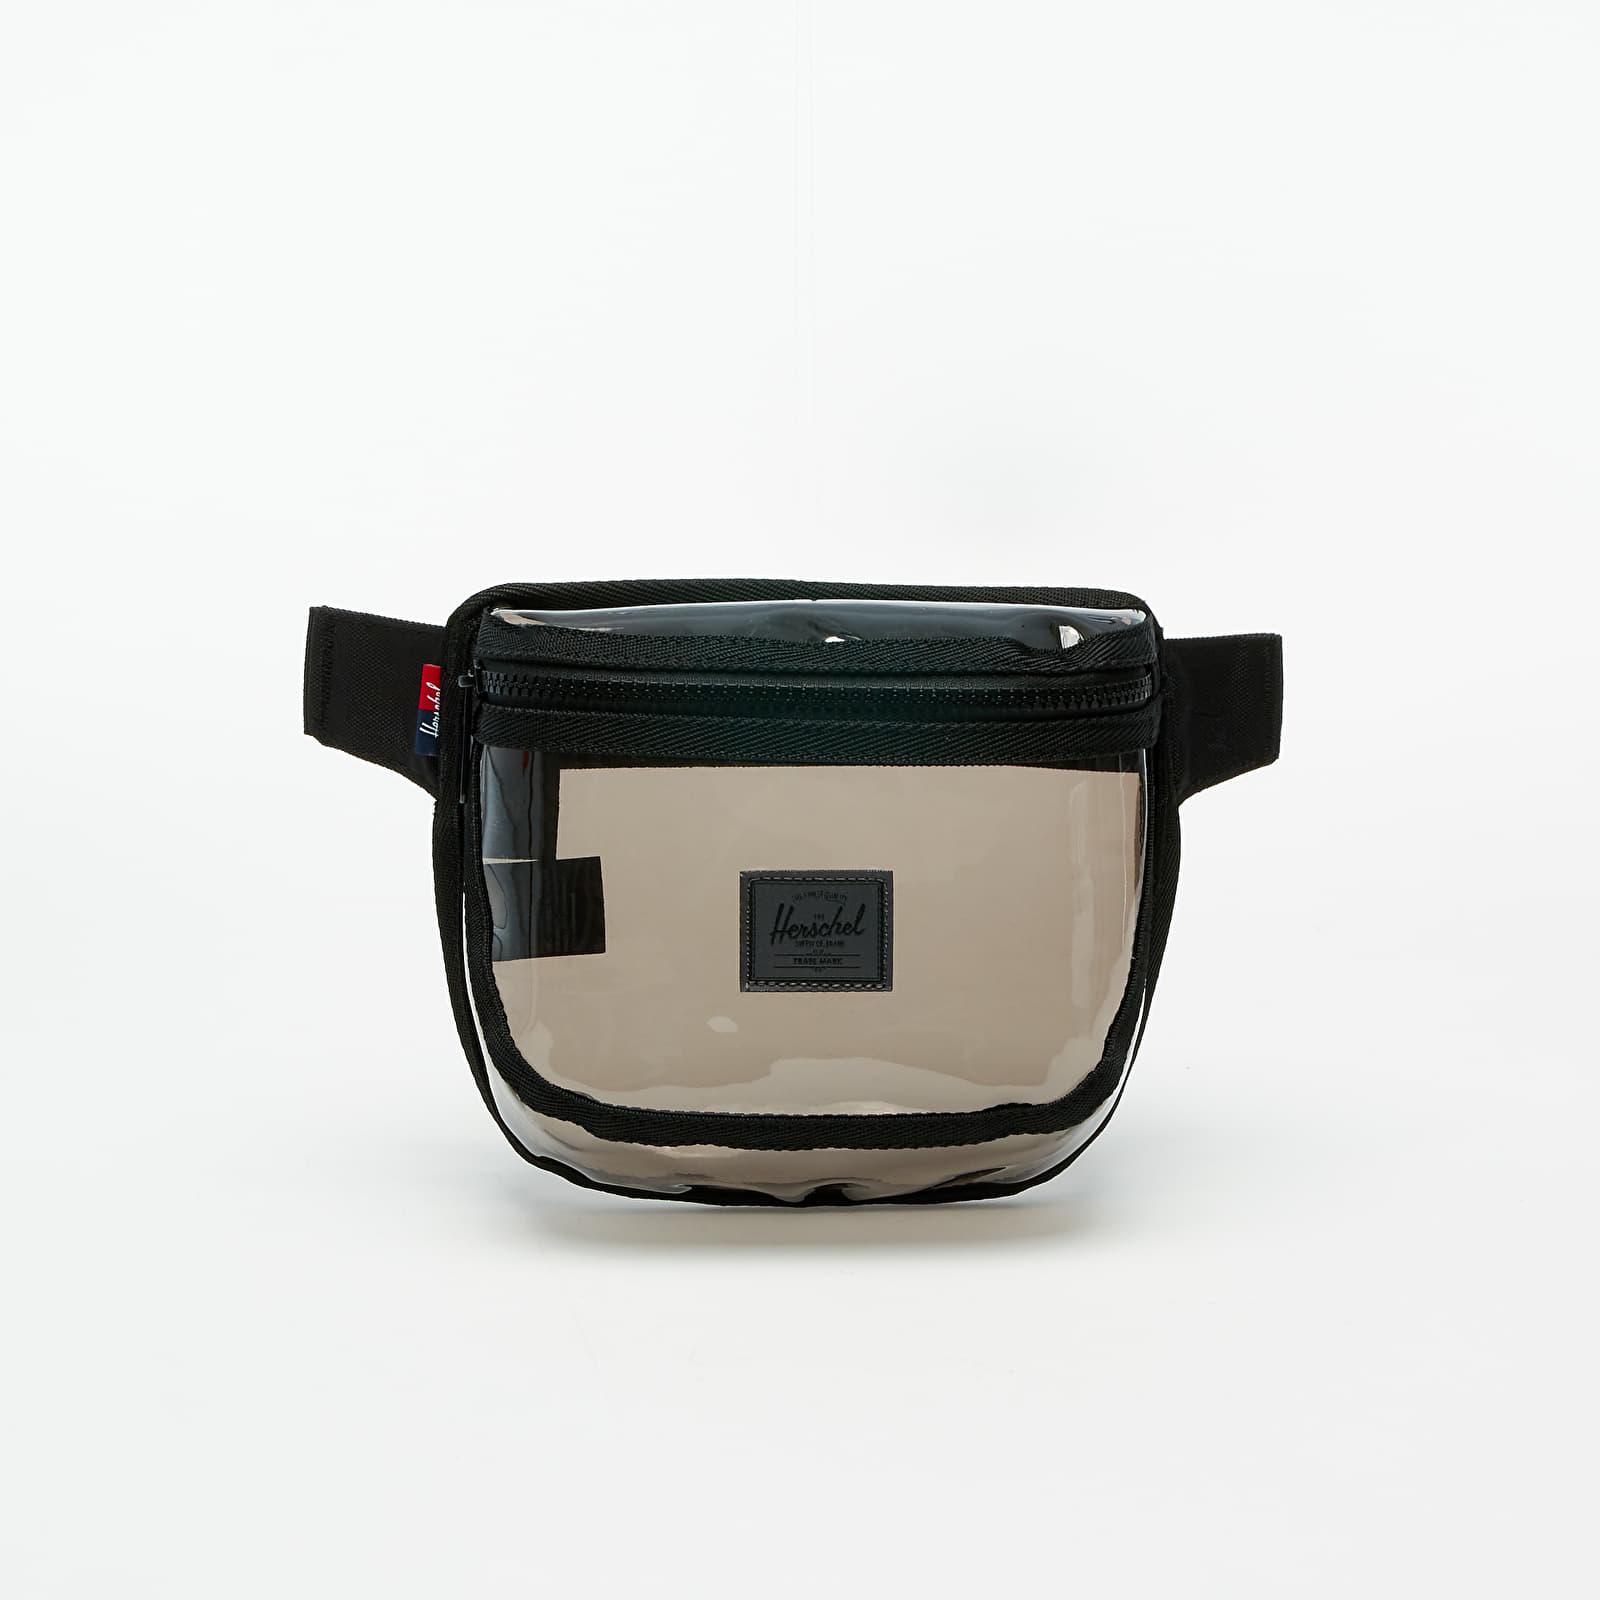 Waist bags Herschel Supply Co. Fifteen Clear Bag Black Smoke